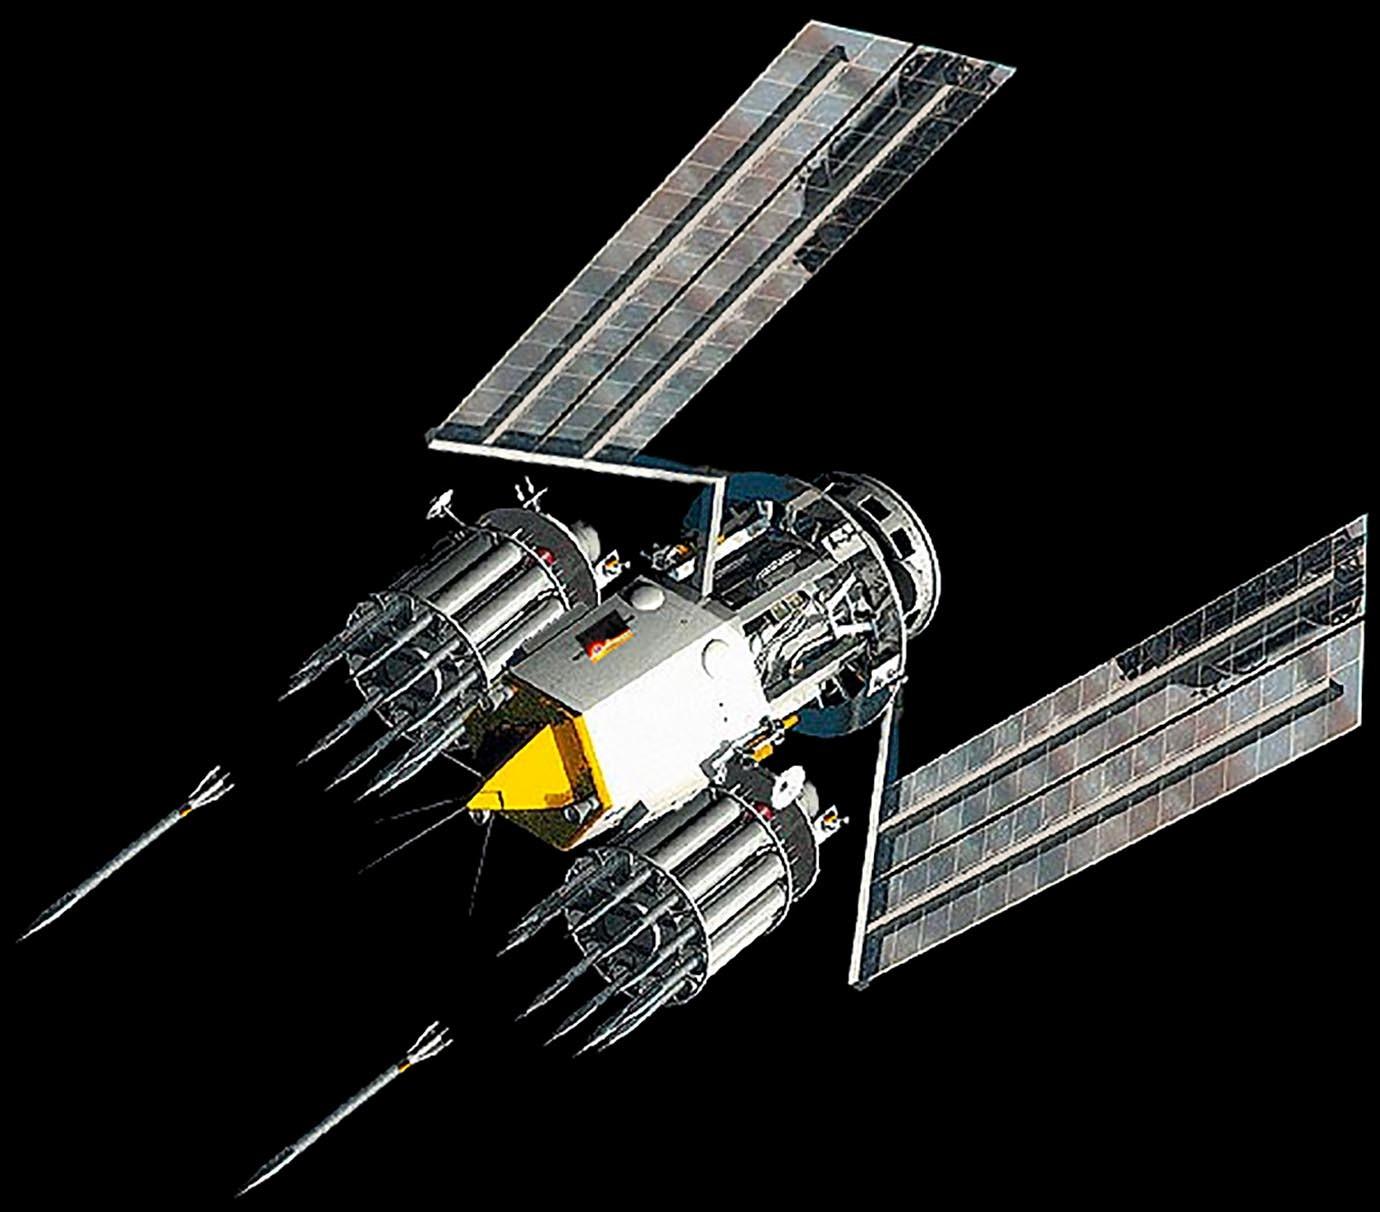 【画像】宇宙空間から鋼鉄の槍を投下! 米国がとんでもない威力の兵器を開発wwwwwwwwwwwwのサムネイル画像